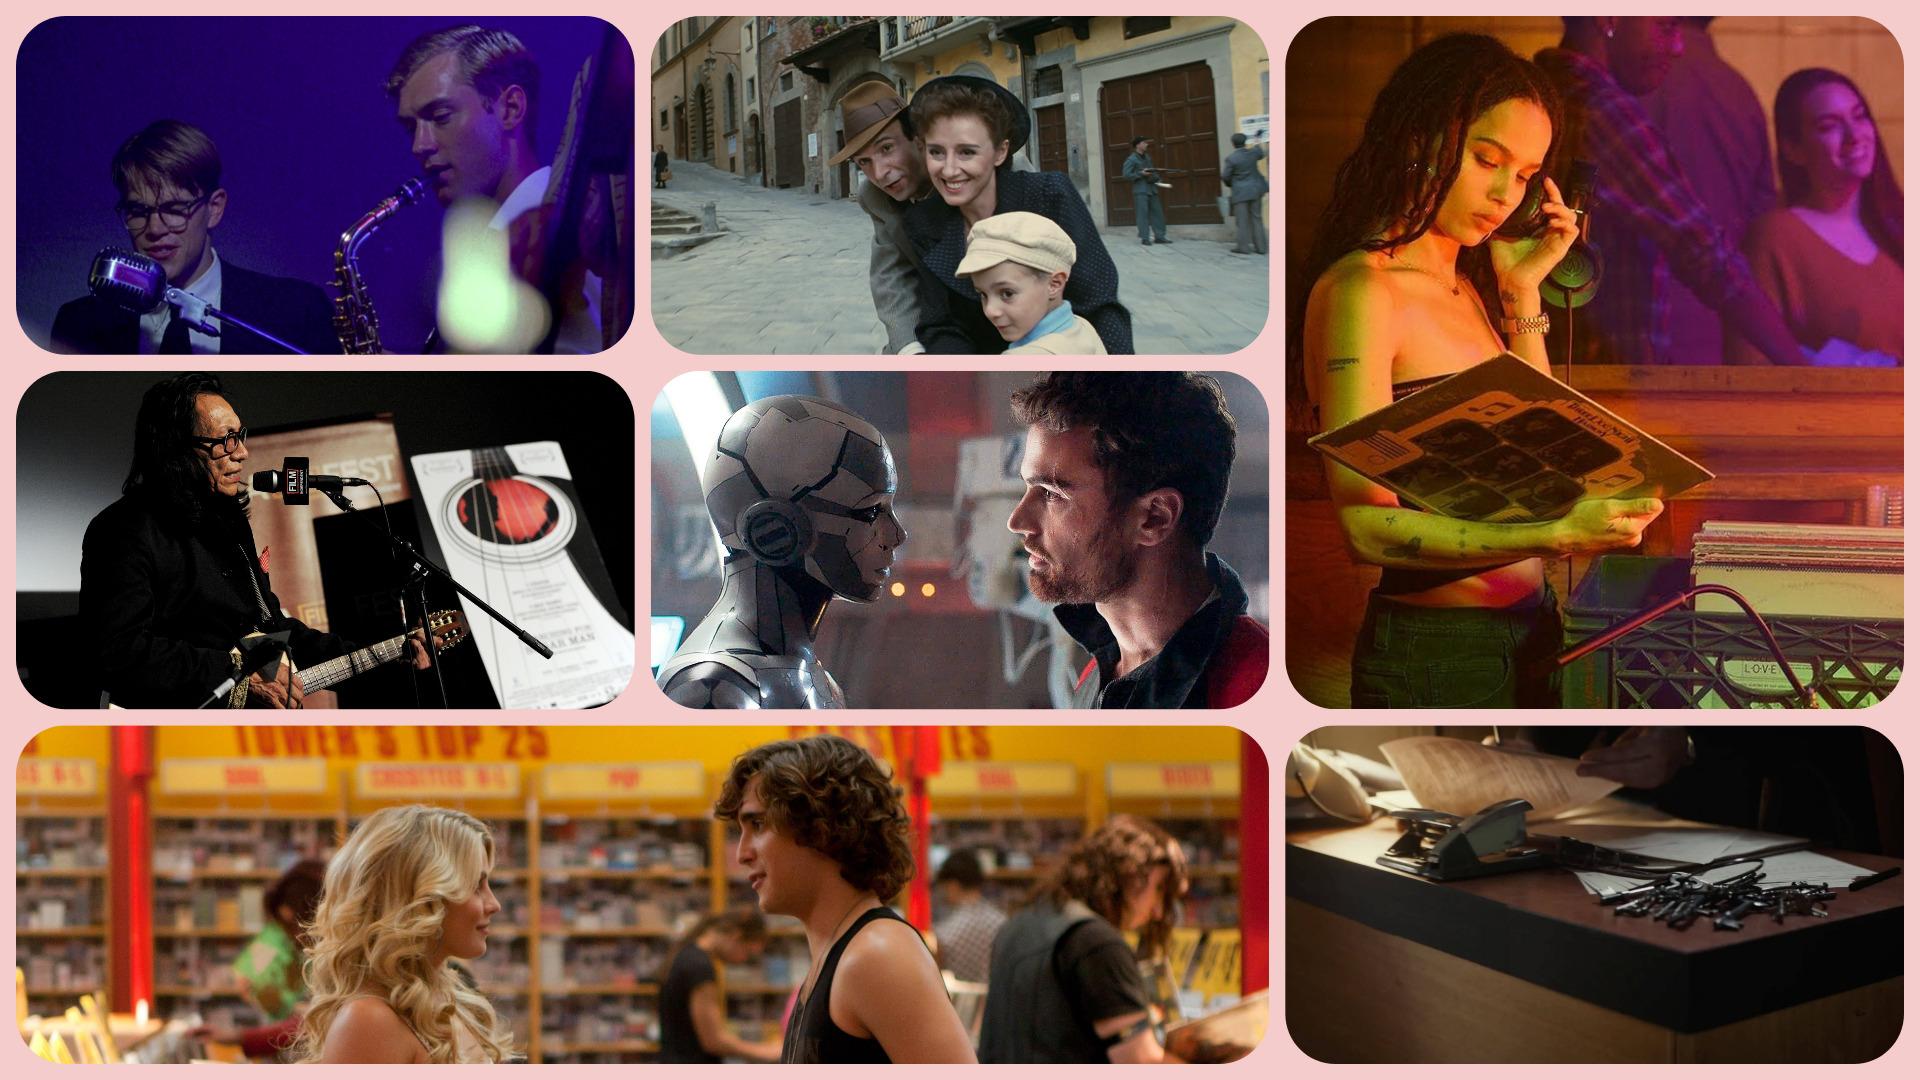 Екатерина Широкова: 7 лучших фильмов или сериалов, где герои любят слушать винил